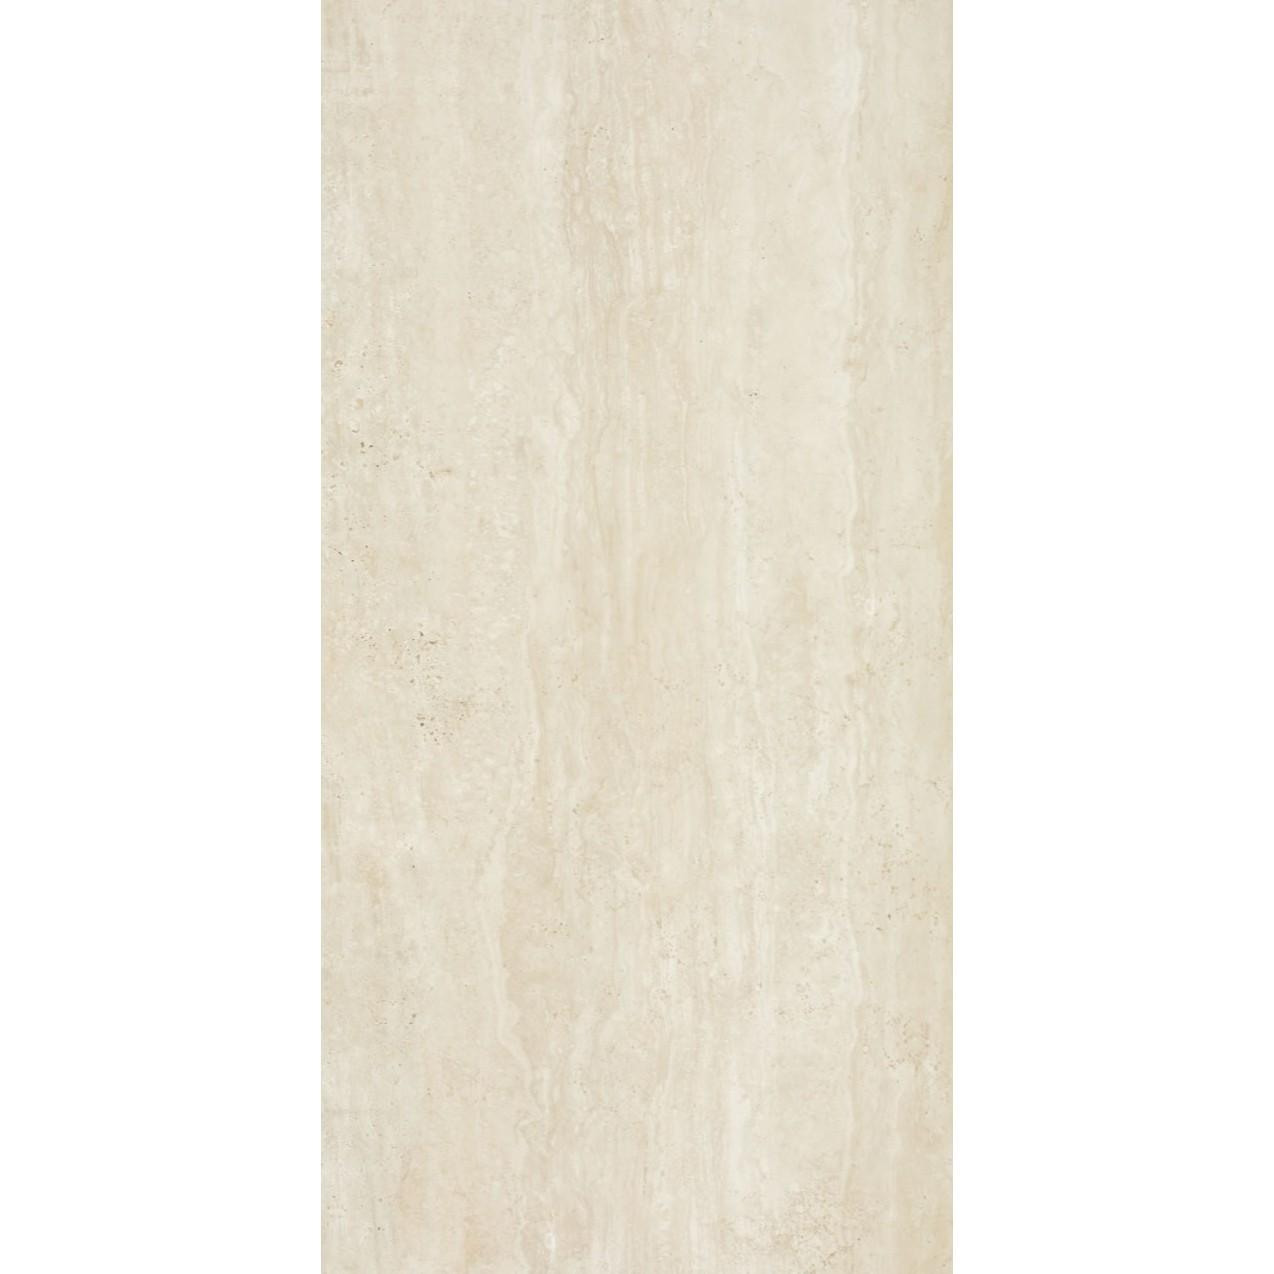 Porcelanato Tipo A 59X1182cm Esmaltado Polido Atena Marfim 139m - Eliane Ba